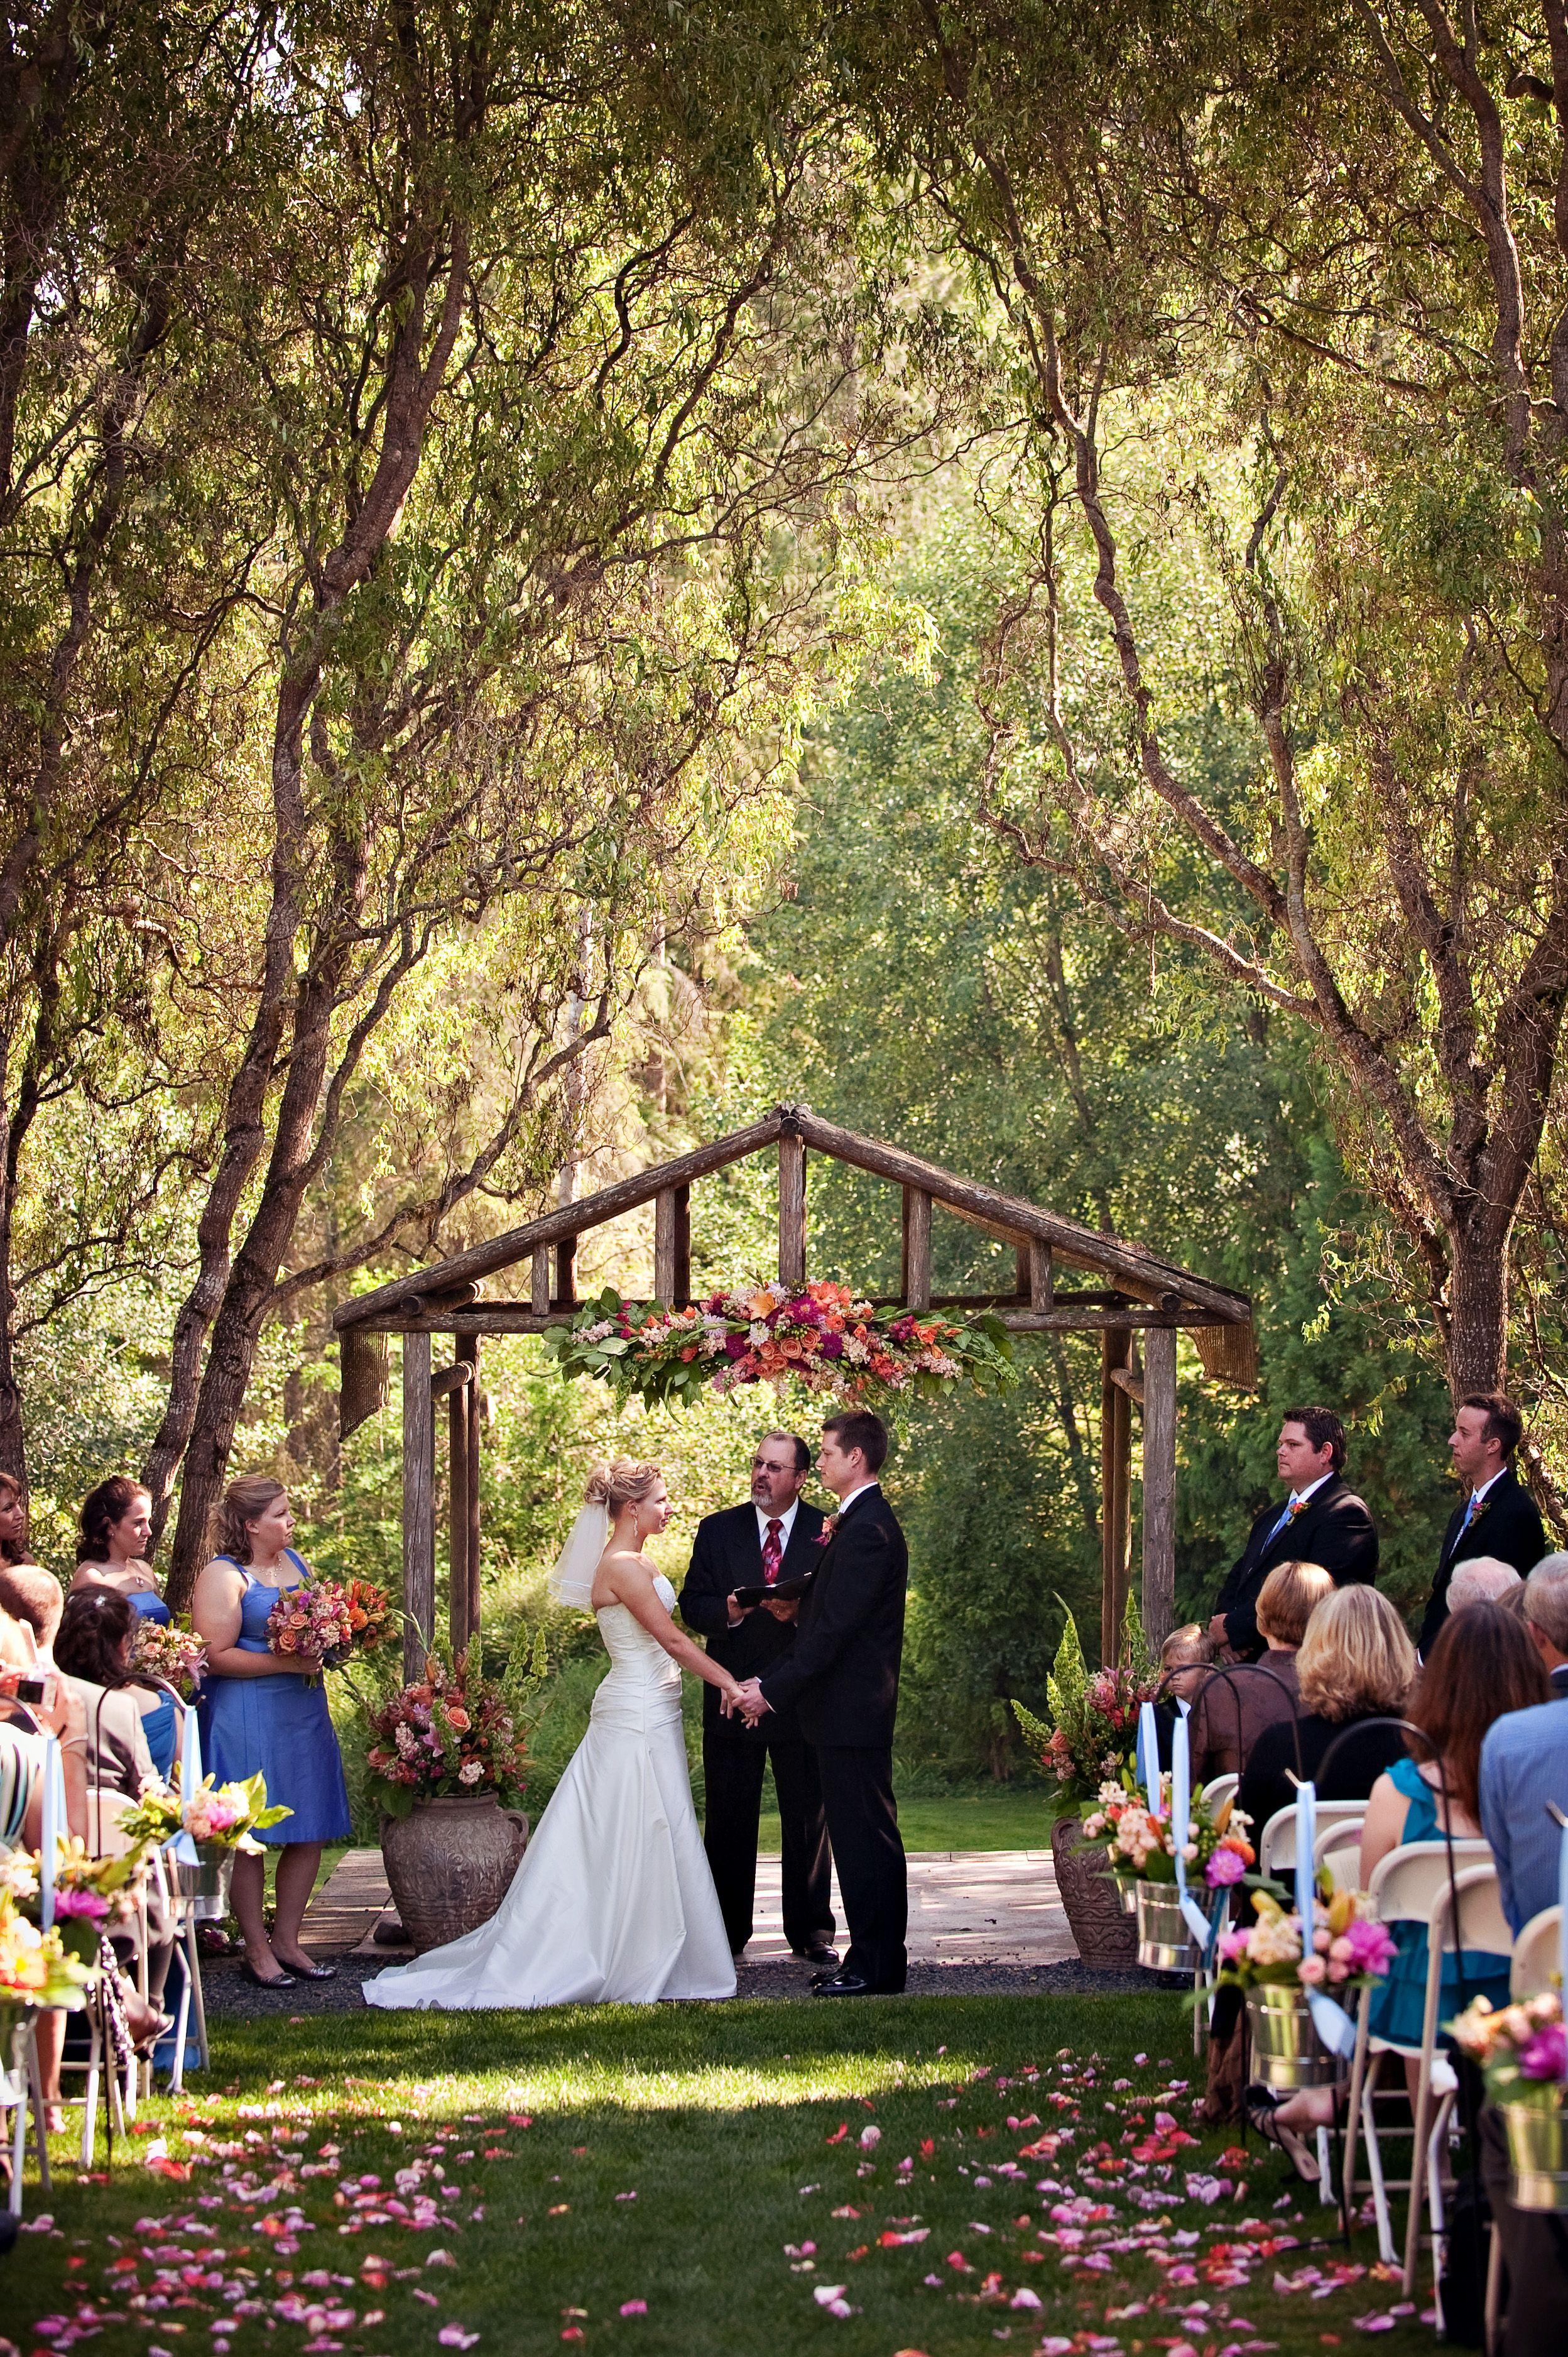 Jardin Del Sol Snohomish Wa Seattle Wedding Venues Reception Locations Outdoor